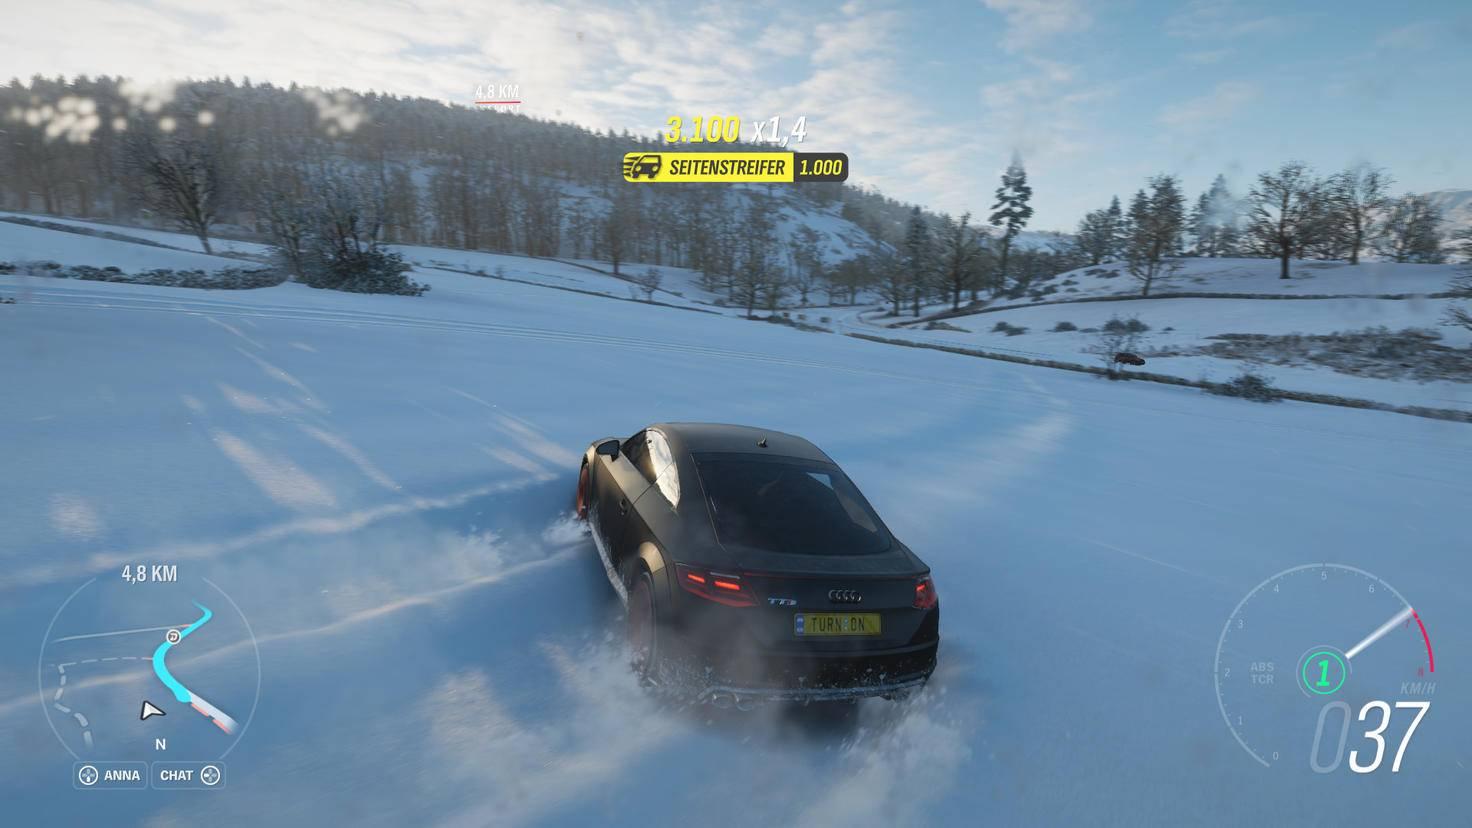 Spuren im Schnee: Der Winter wird quasi sofort zu meiner Lieblings-Jahreszeit.